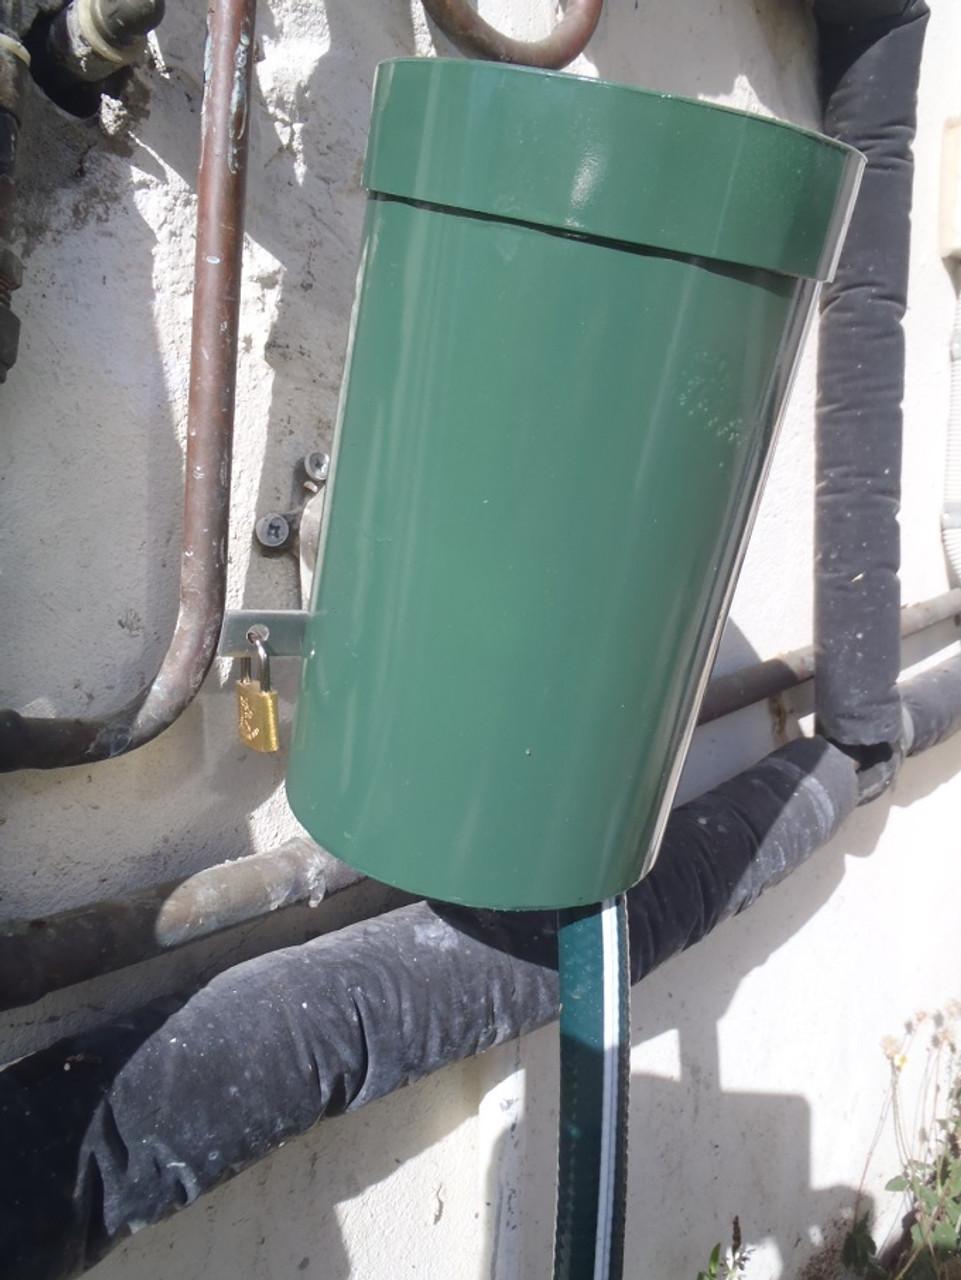 Water Tap Lock on duty 24/7